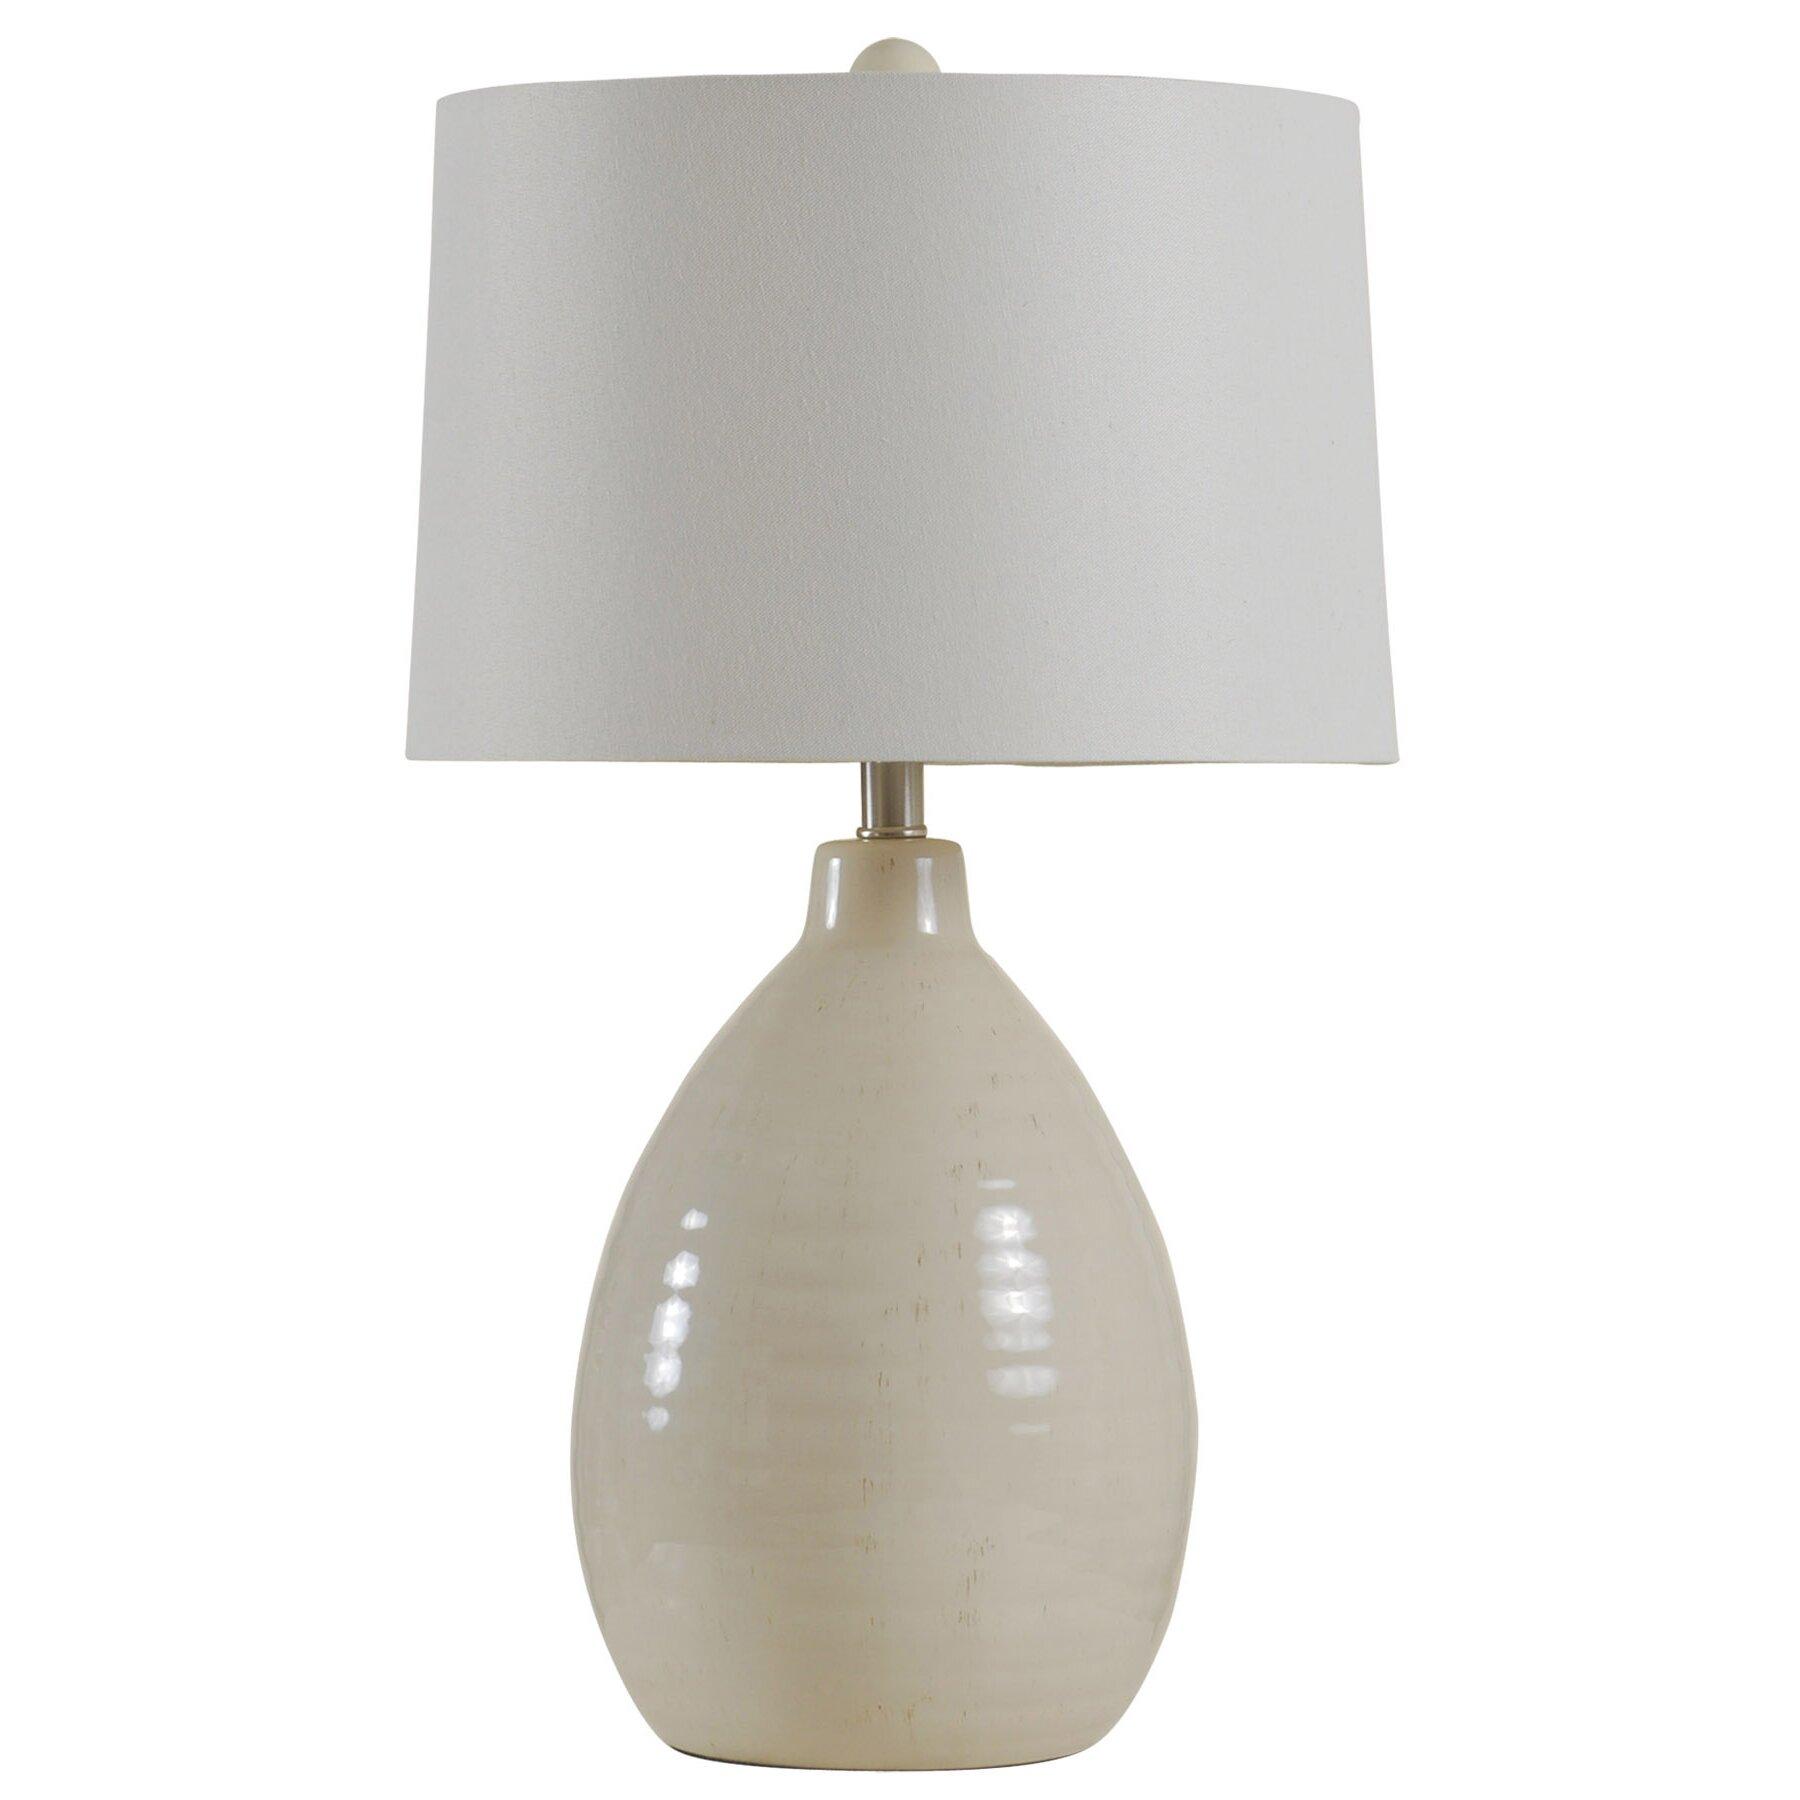 Beachcrest Home Gouldin Gourd 26 5 Table Lamp Wayfair